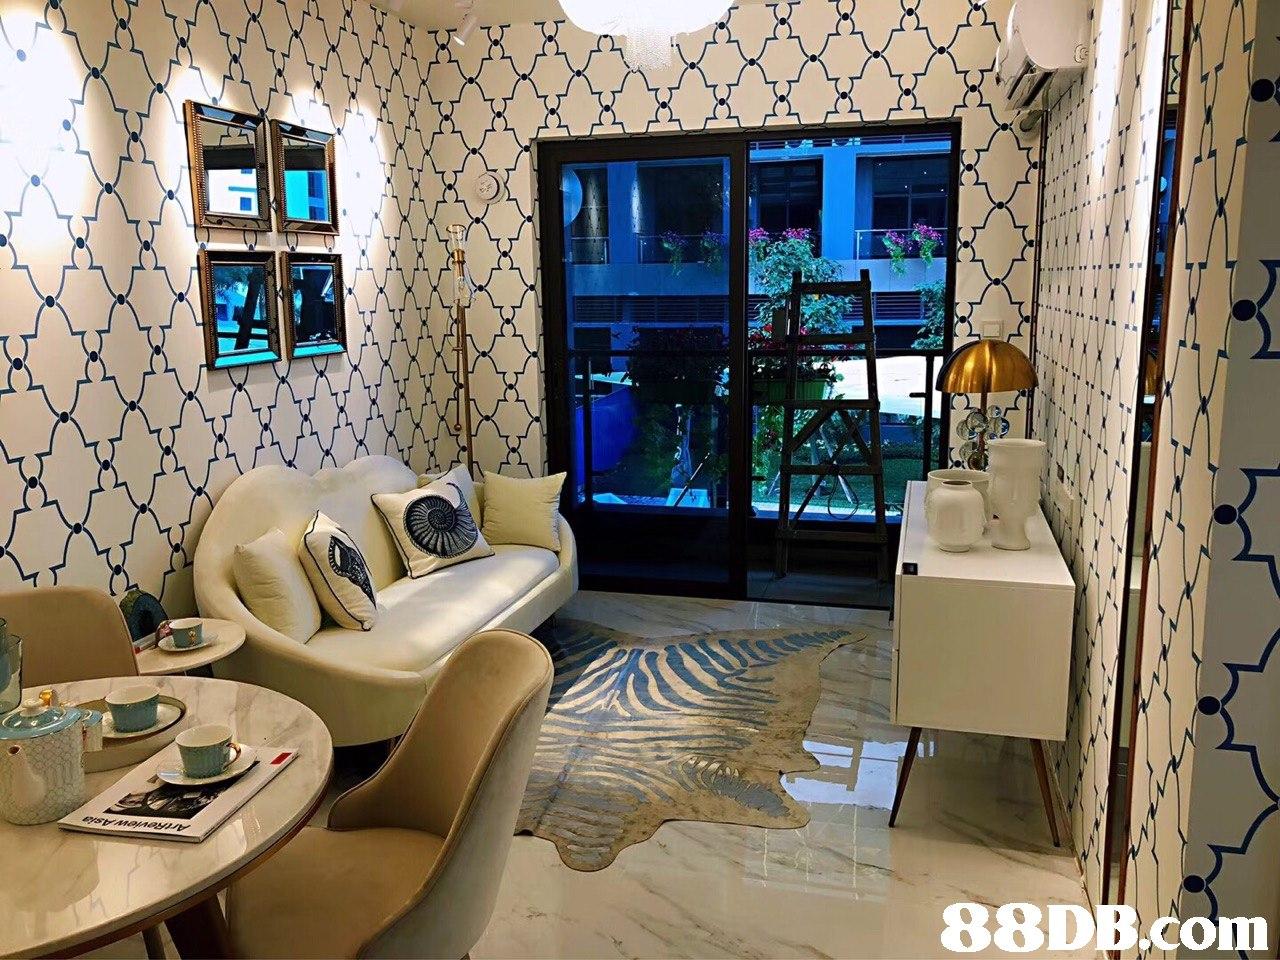 living room,room,interior design,lobby,wall